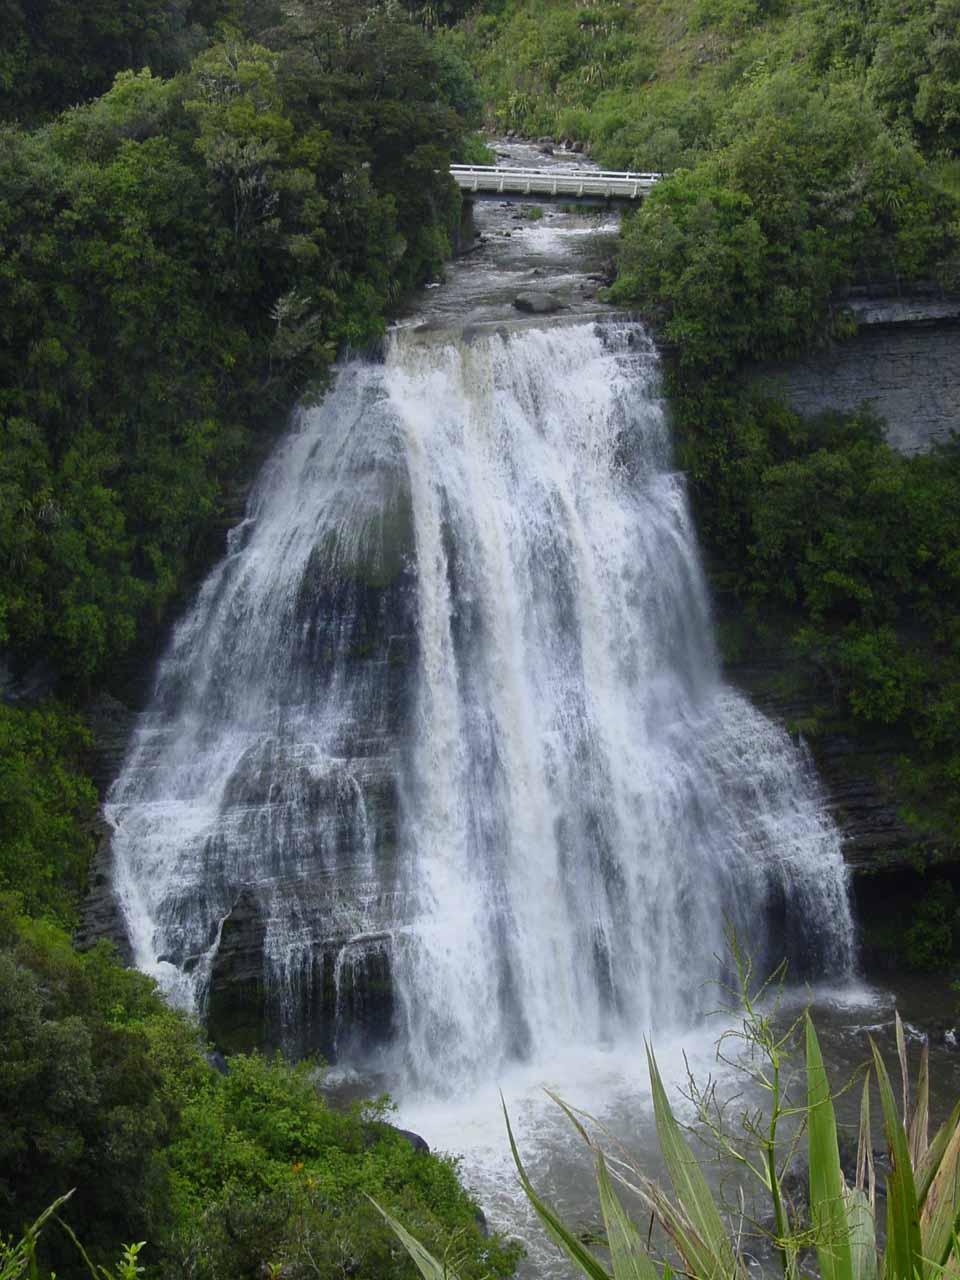 Also along the way to Papakorito Falls on the Lake Waikaremoana Road was this view of Mokau Falls